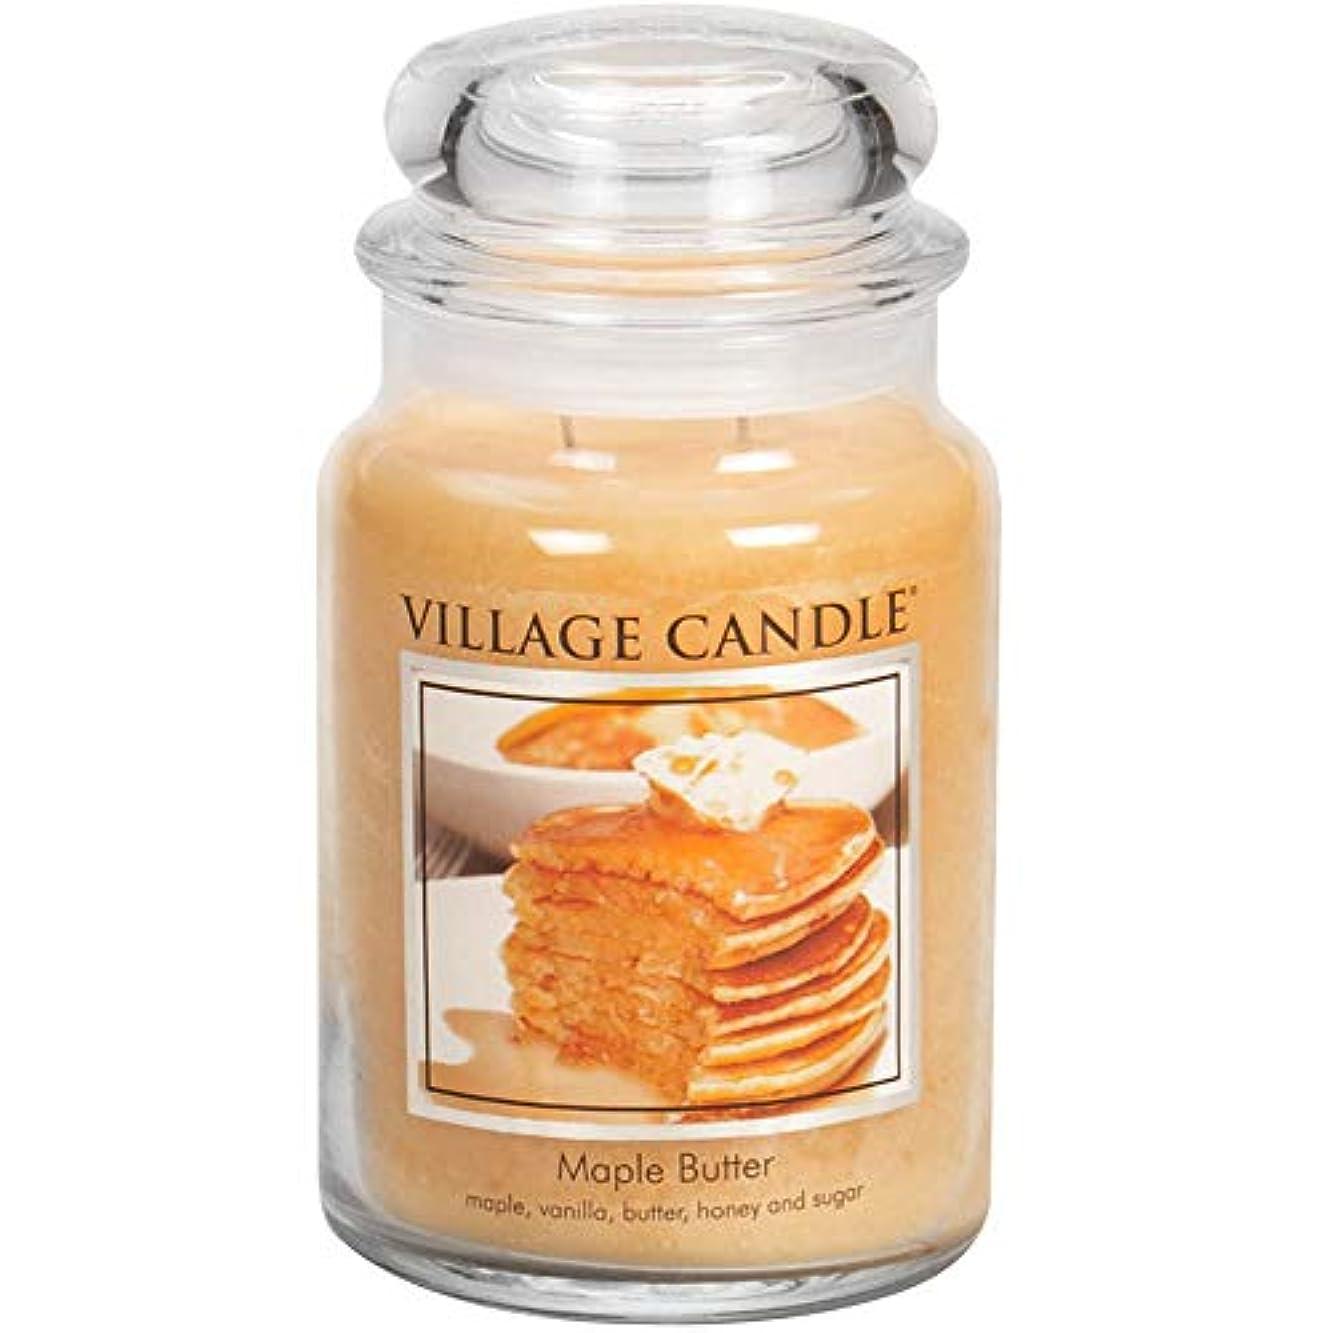 磁気薄汚い不安Village Candle Large Fragranced Candle Jar - 17cm x 10cm - 26oz (1219g)- Maple Butter - upto 170 hours burn time...